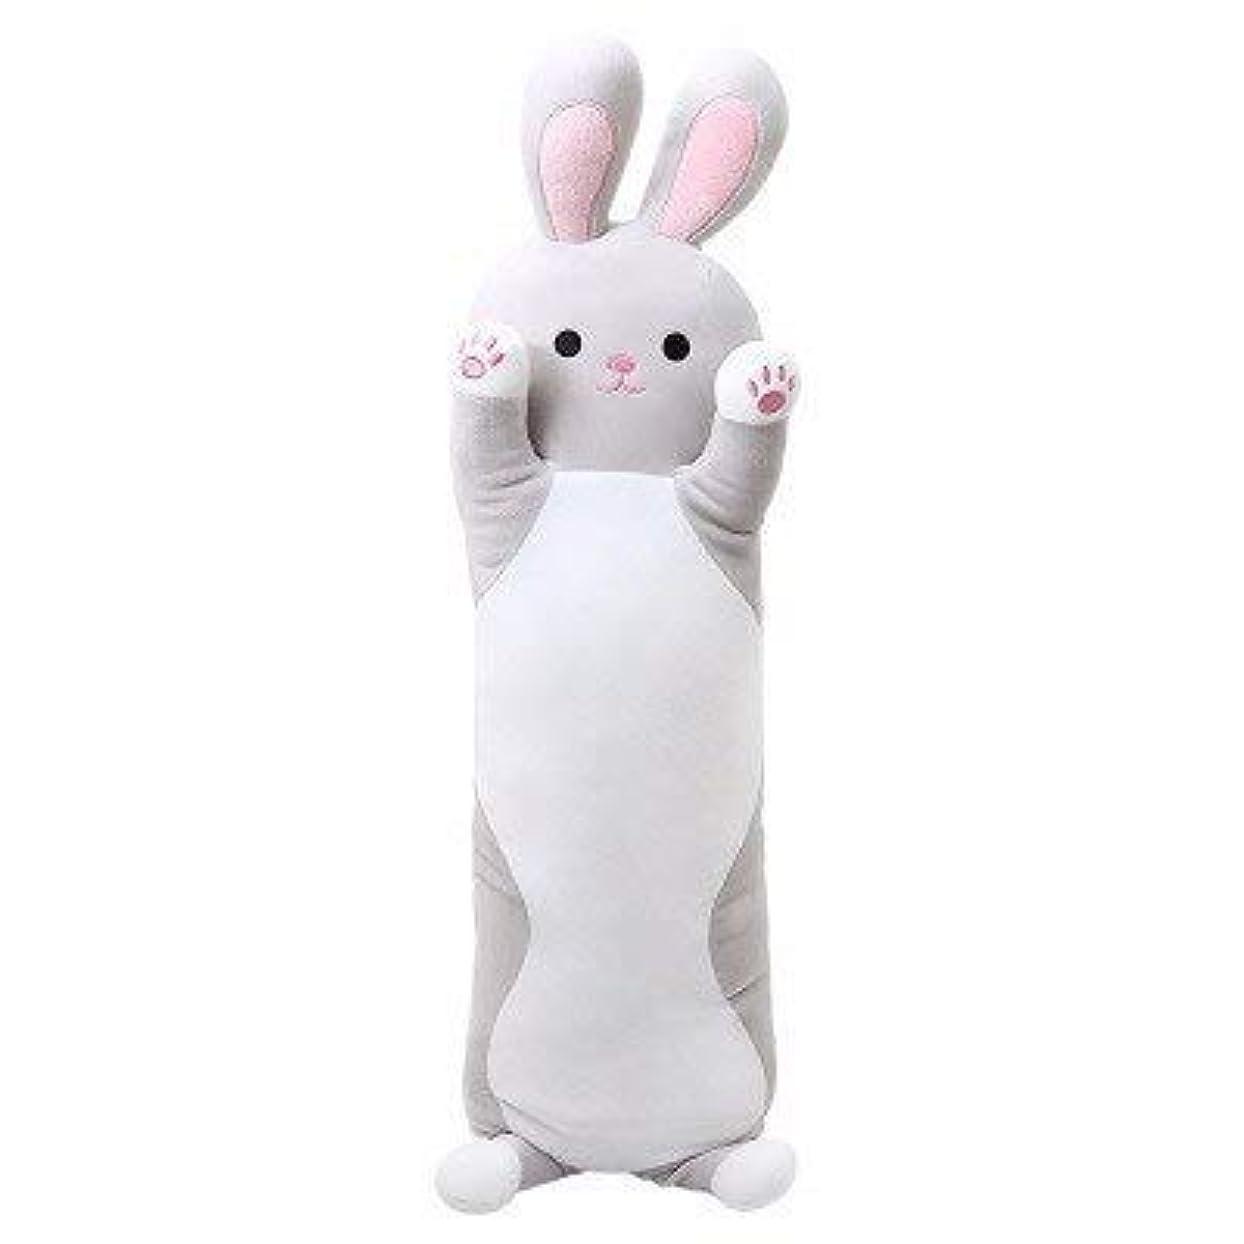 感嘆苦しむマーチャンダイザーLIFE センチメートルウサギのぬいぐるみロング睡眠枕を送信するために女の子 Almofada クッション床 Coussin Cojines 装飾 Overwatch クッション 椅子